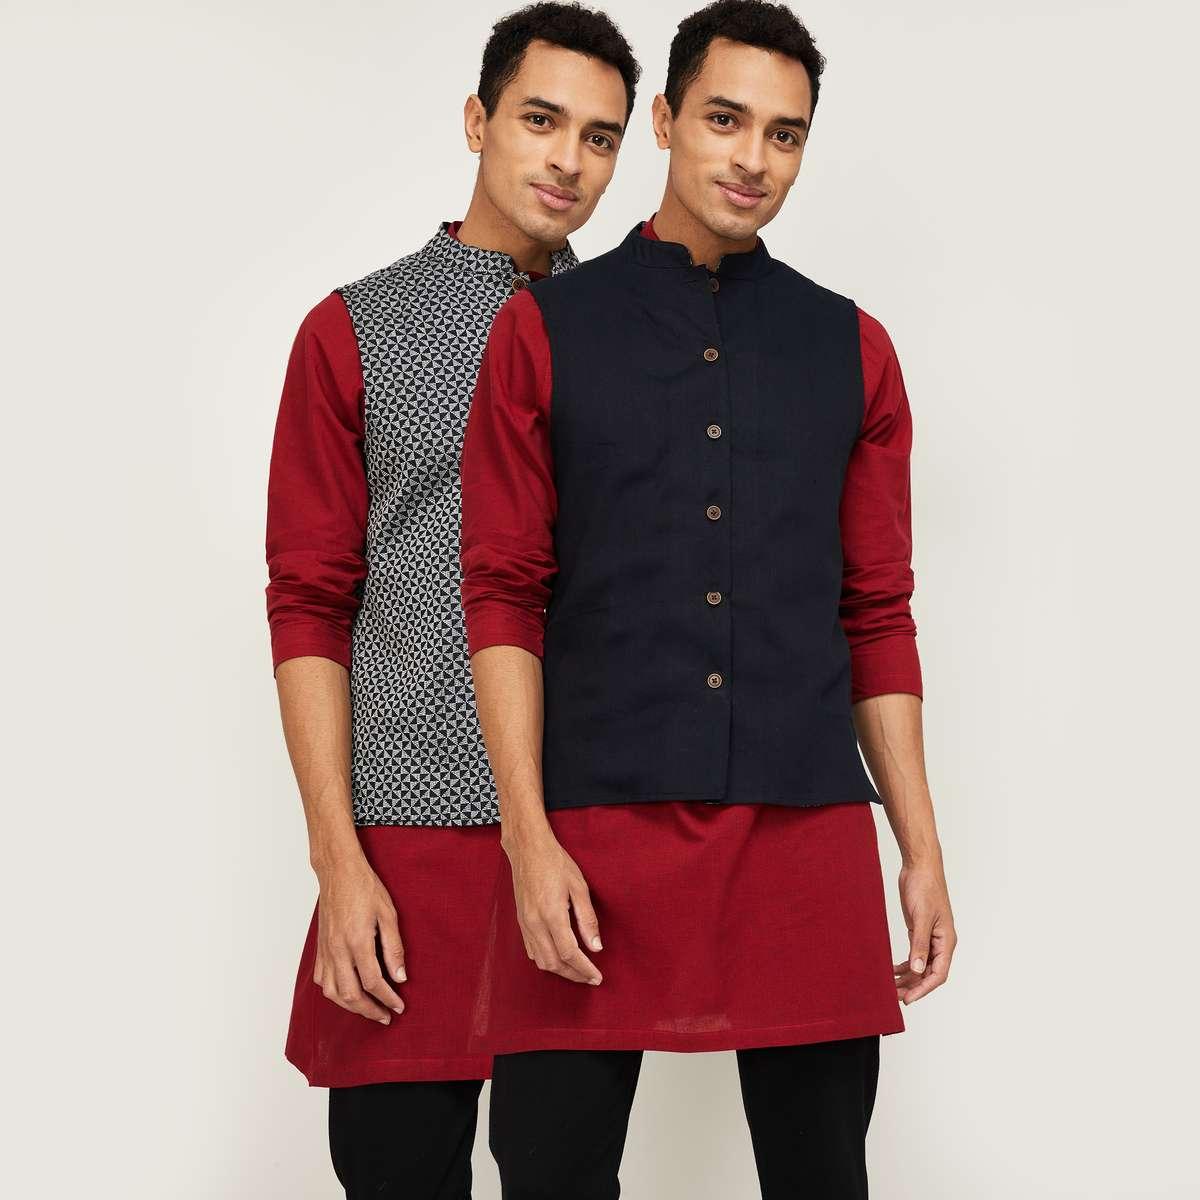 3.MELANGE Men Regular Fit Nehru Jacket - Set of 2